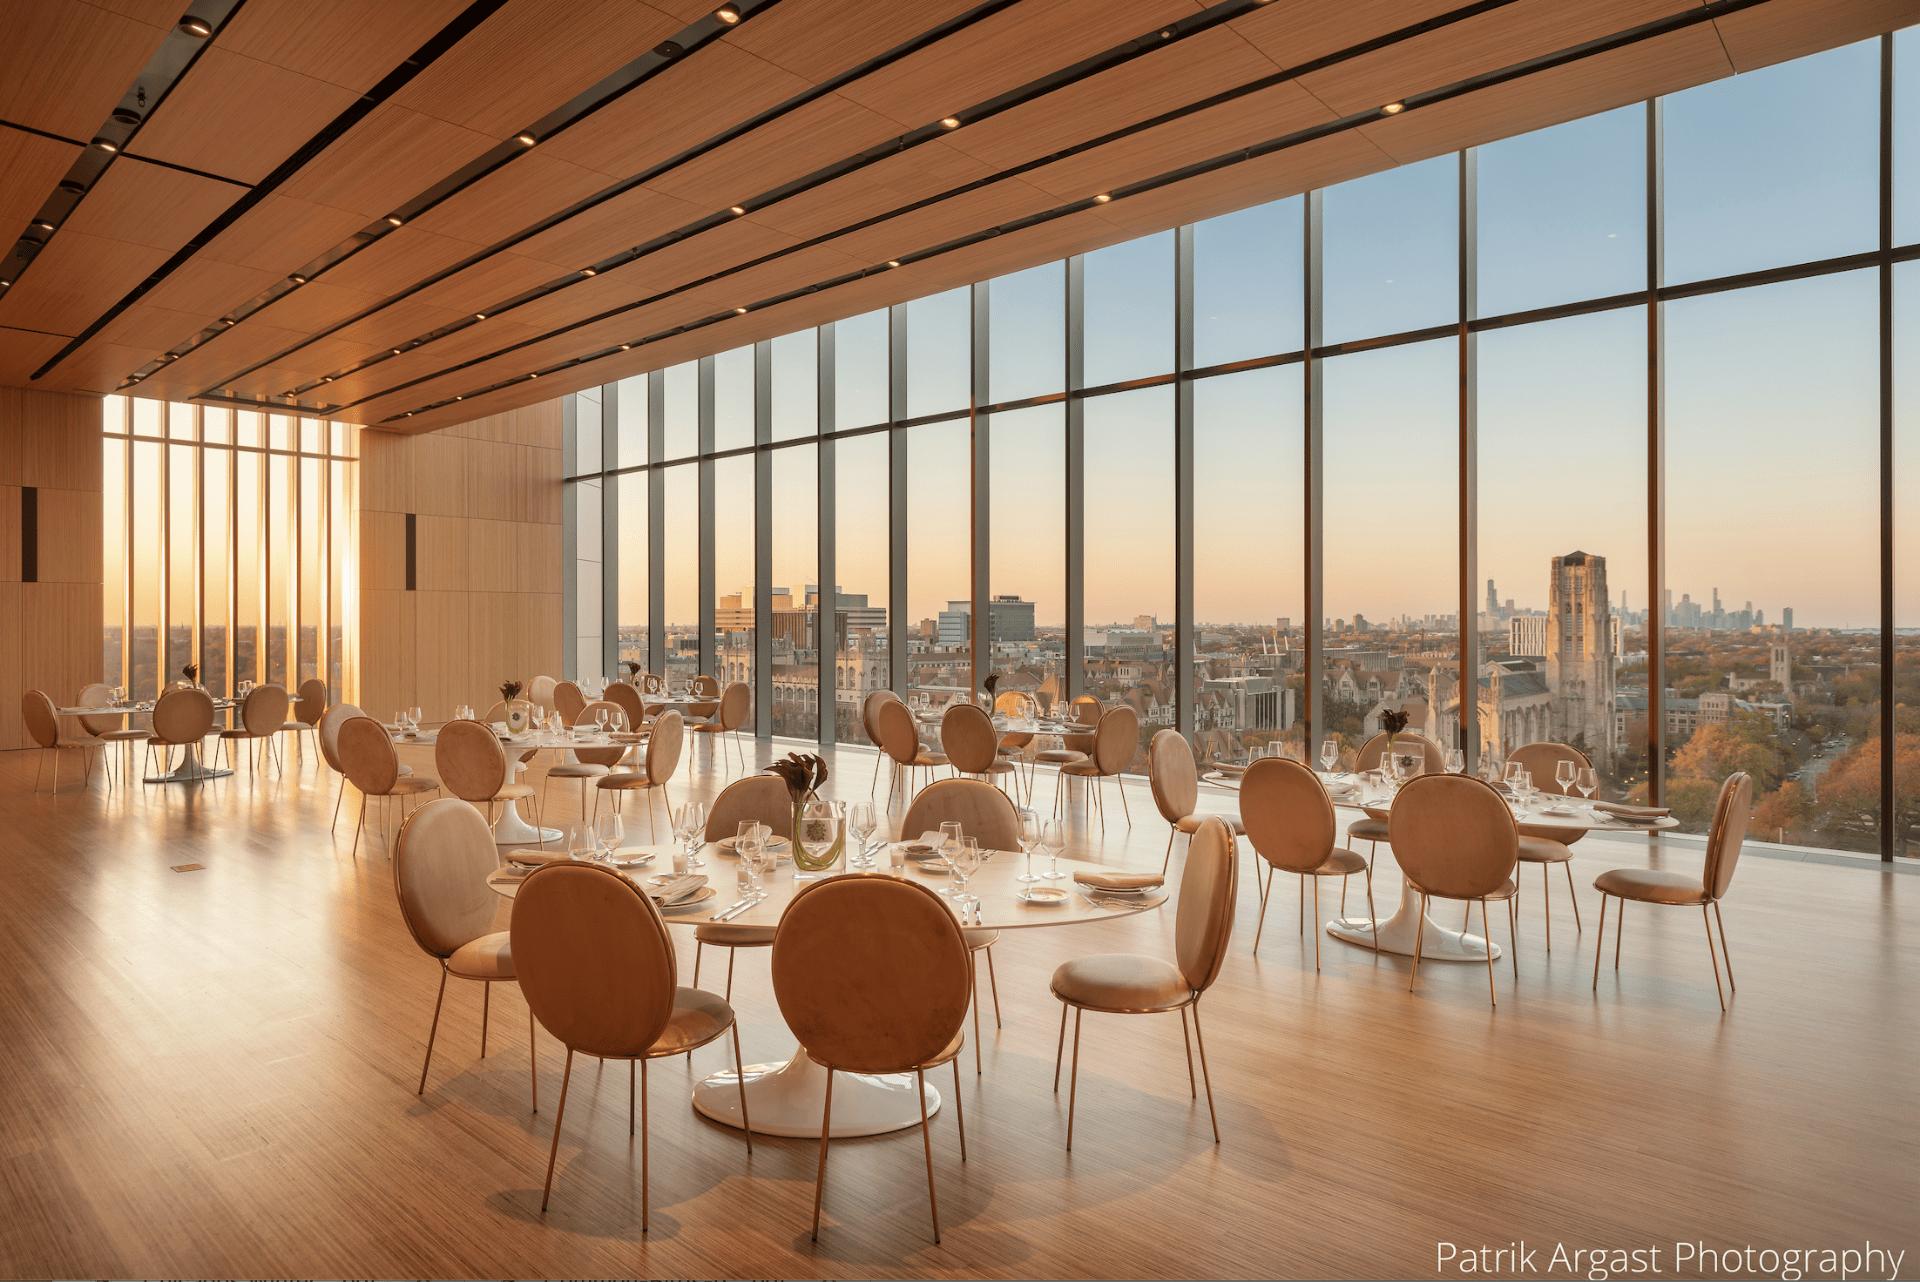 City View Room at Rubenstein Forum